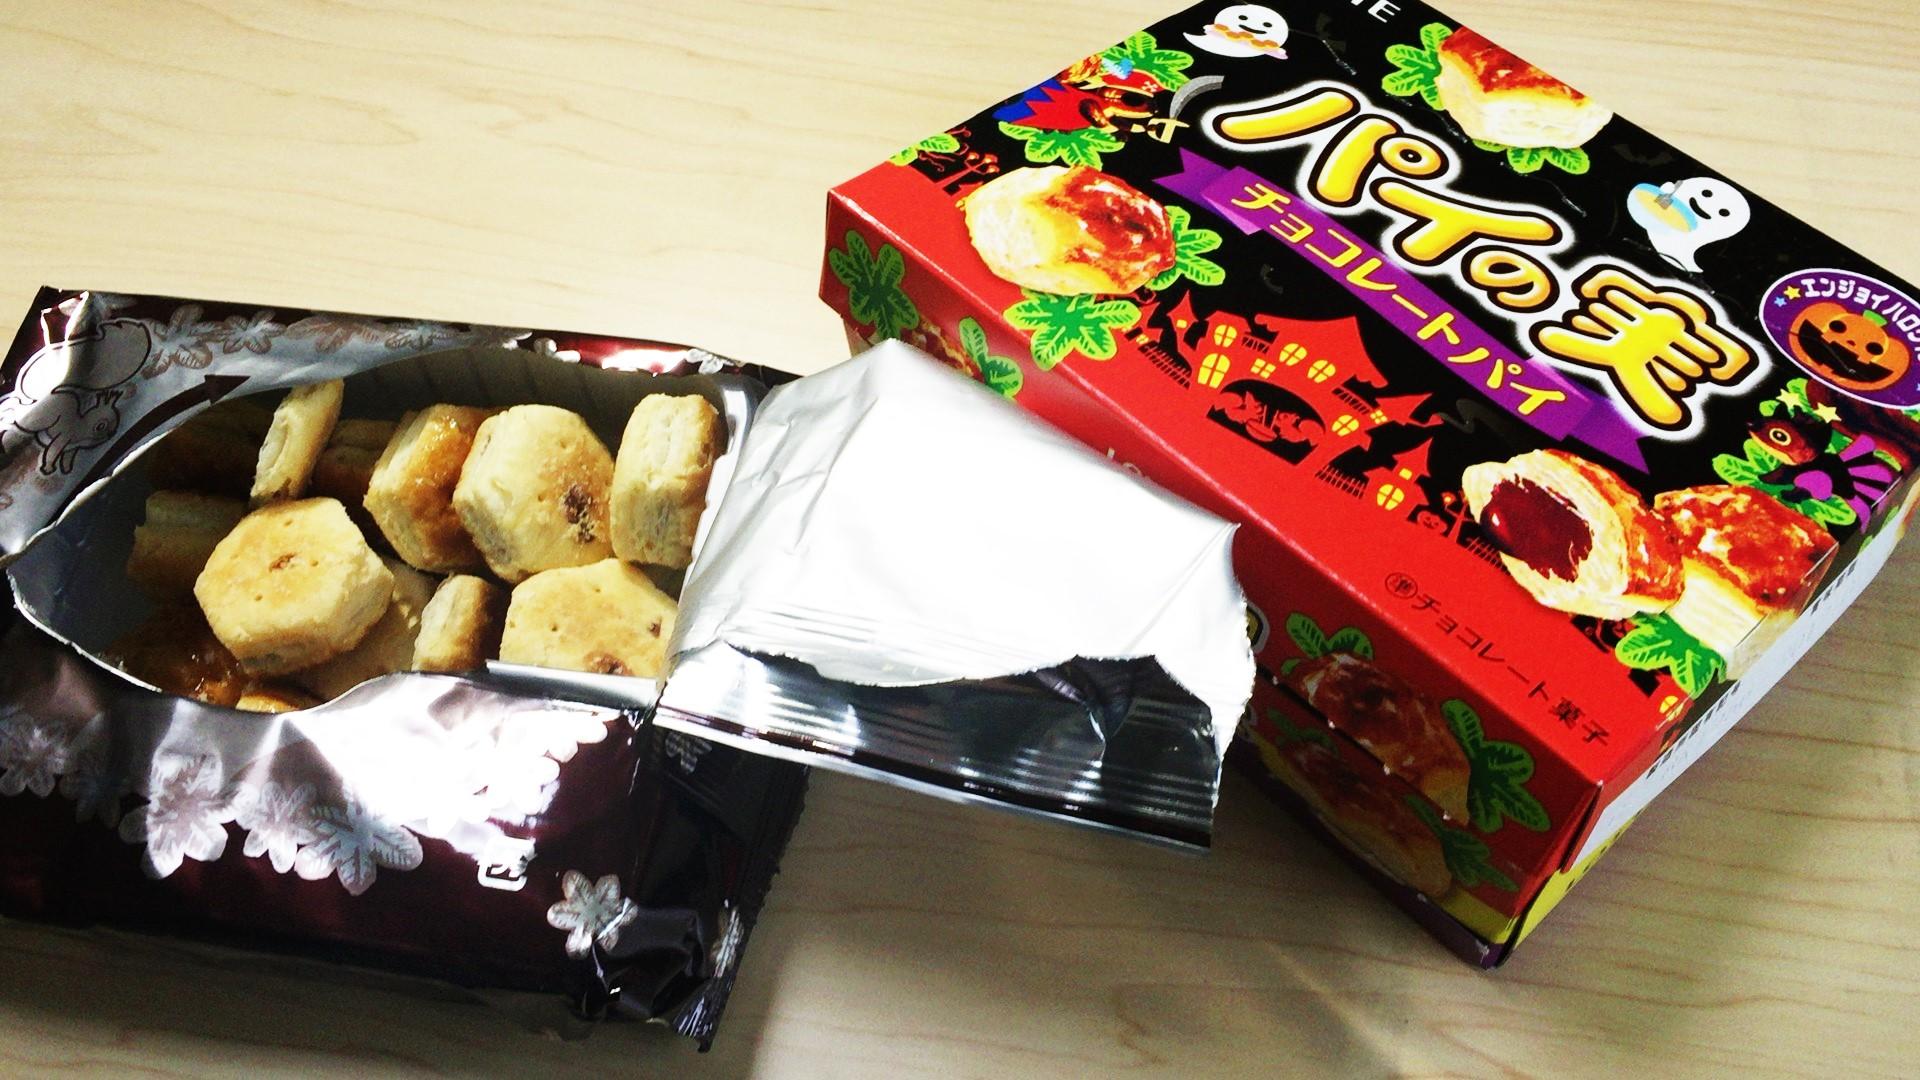 ロッテ・エンジョイハロウィンパイの実を食べてみた【感想・口コミは?】